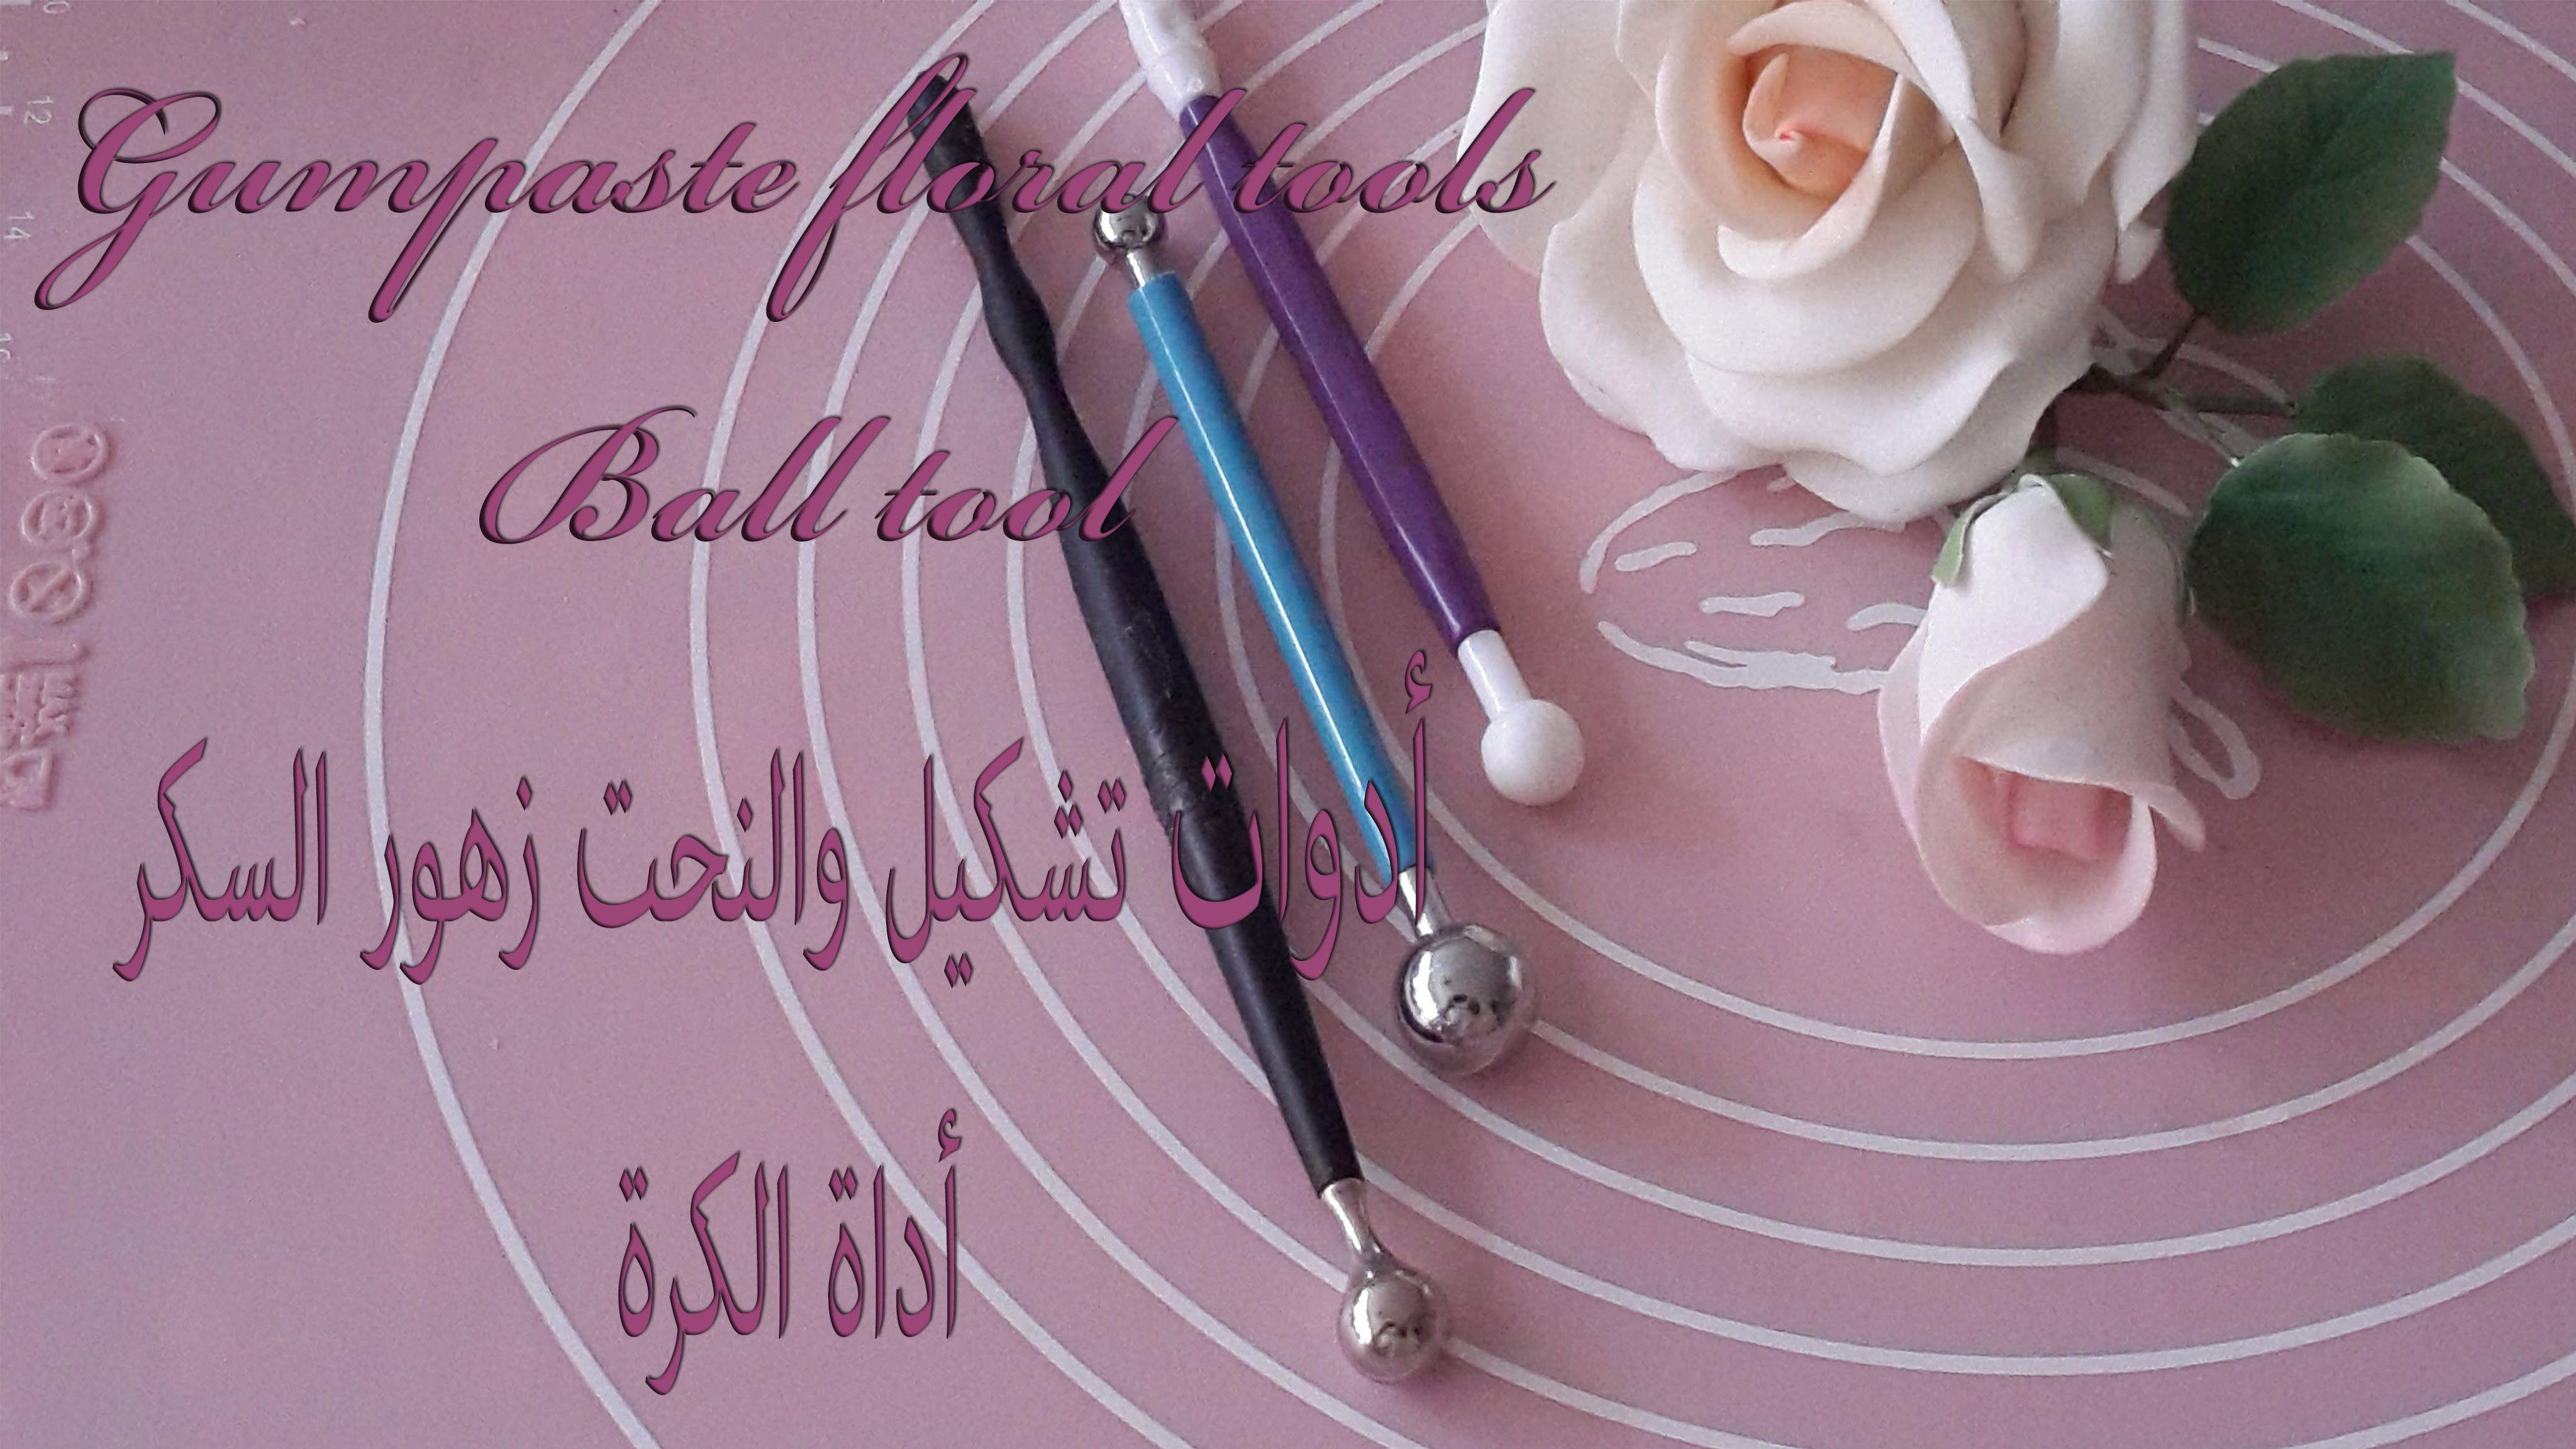 Gumpaste Tools Ball Tool ادوات تشكيل زهور السكر أداة الكره Gum Paste Floral Fondant